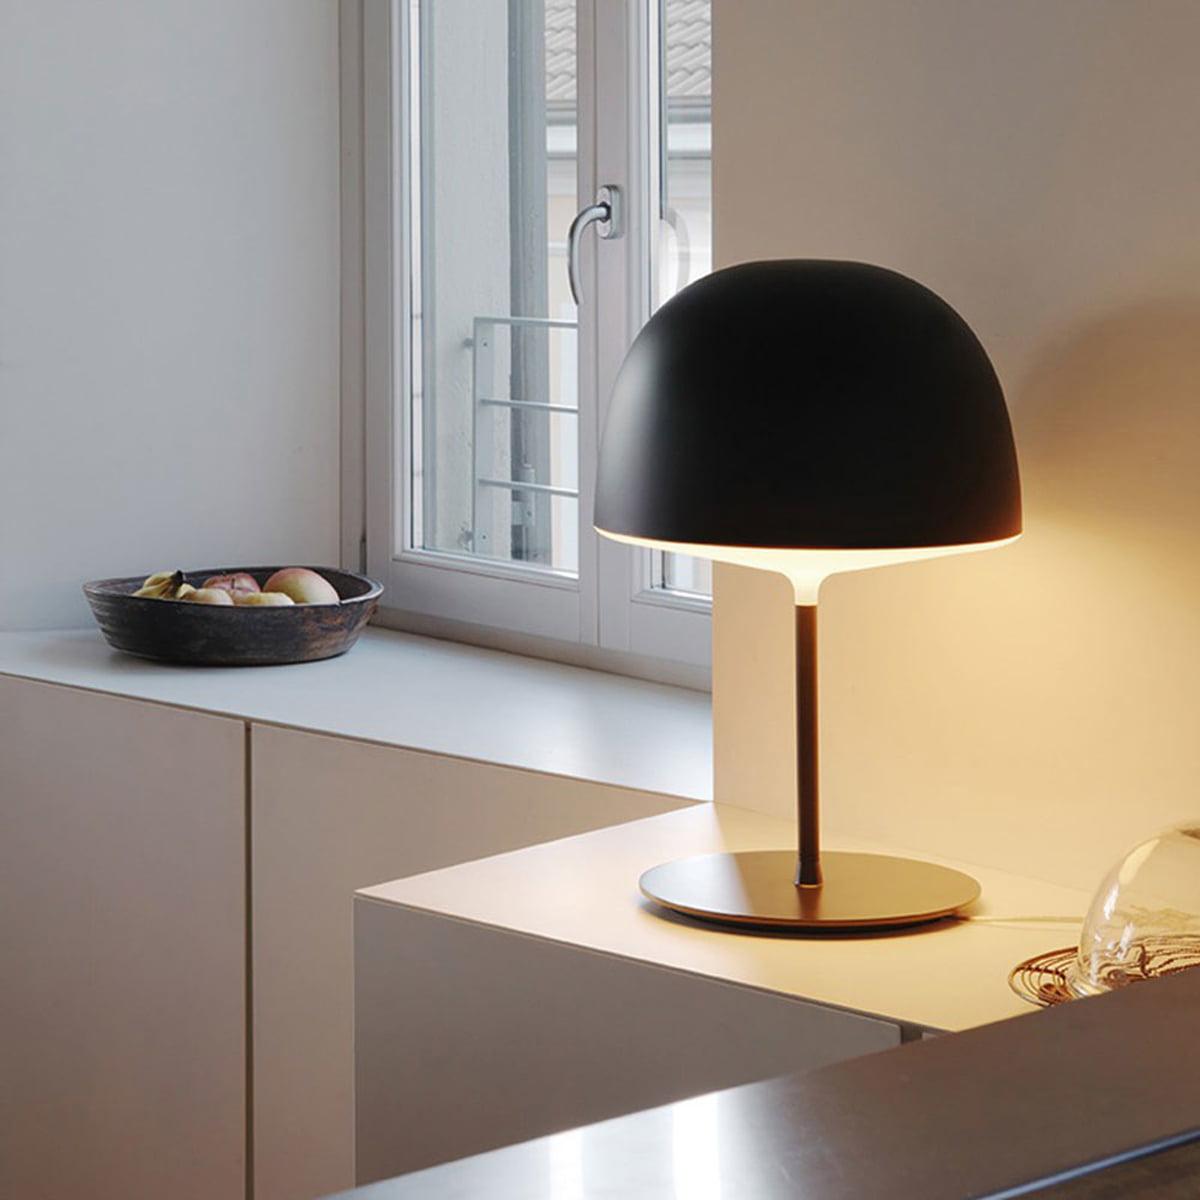 cheshire tischleuchte von fontanaarte im shop. Black Bedroom Furniture Sets. Home Design Ideas